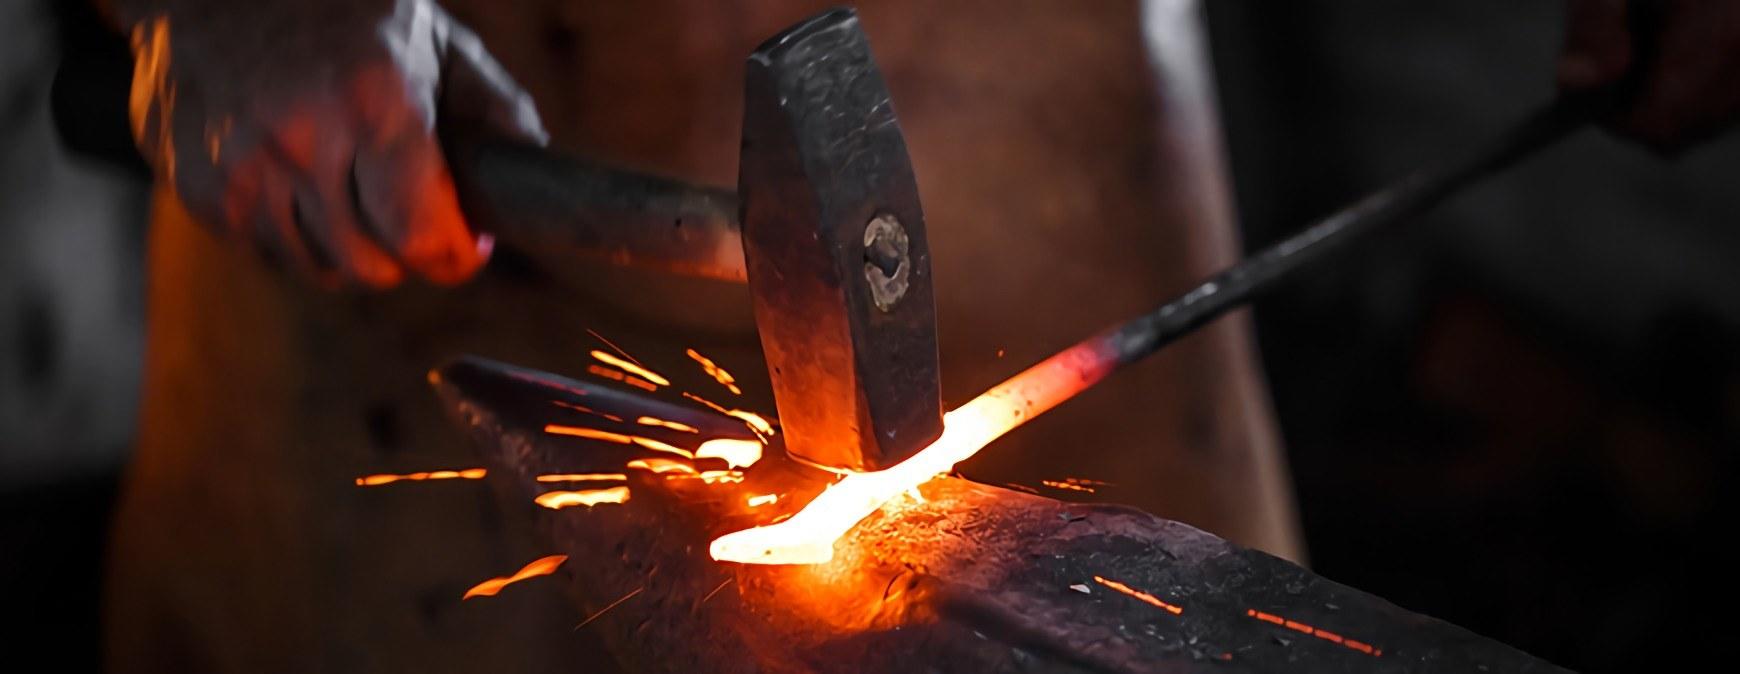 blacksmith iron working